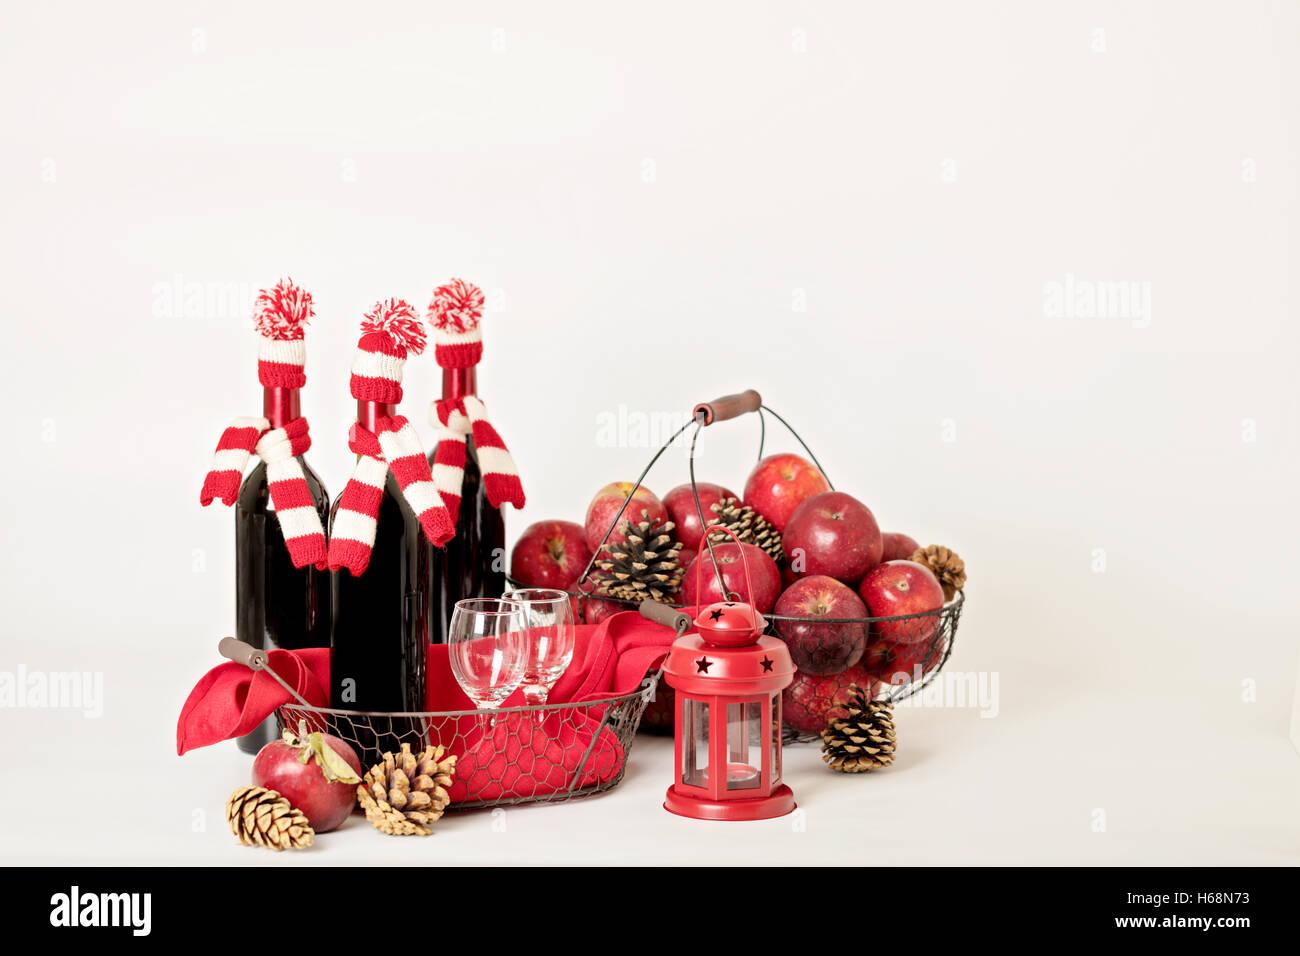 Weinflasche kerzenhalter stockfotos & weinflasche kerzenhalter